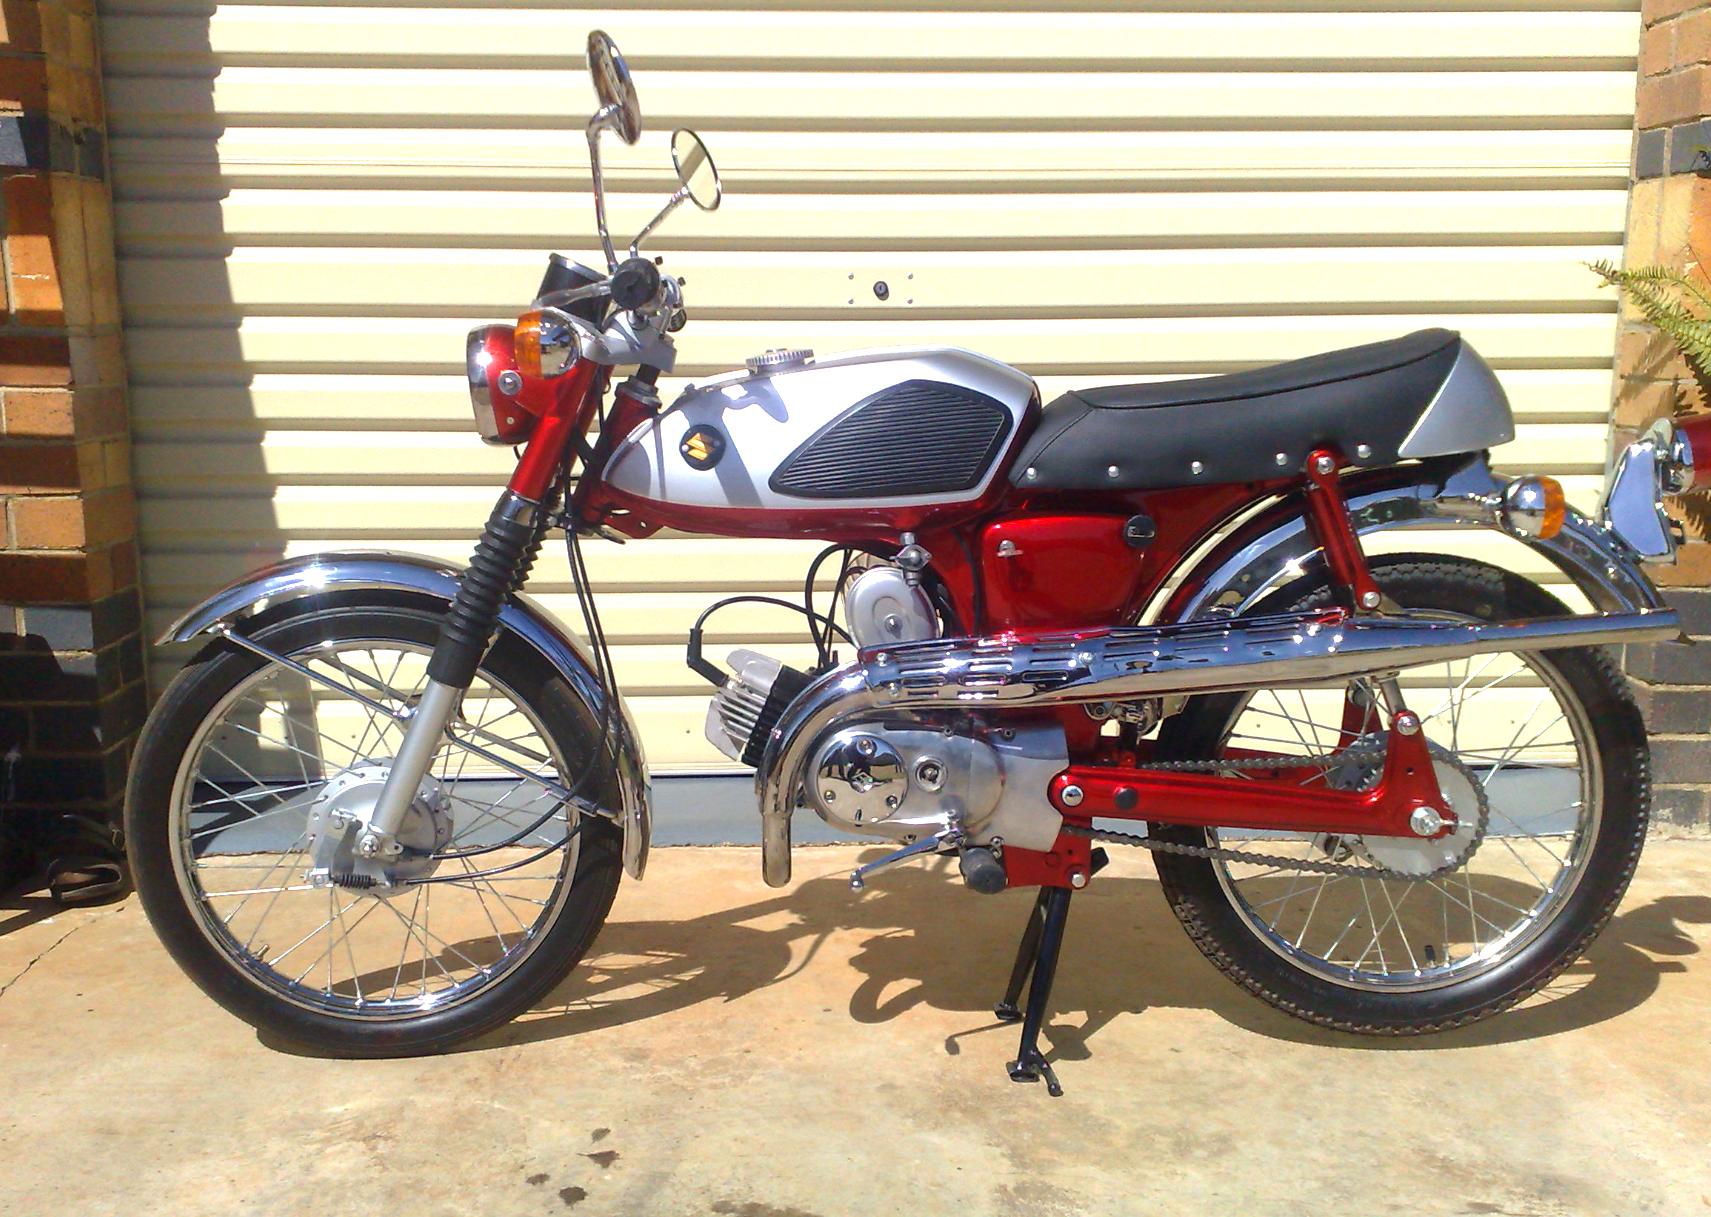 1969 Suzuki AS 50 After